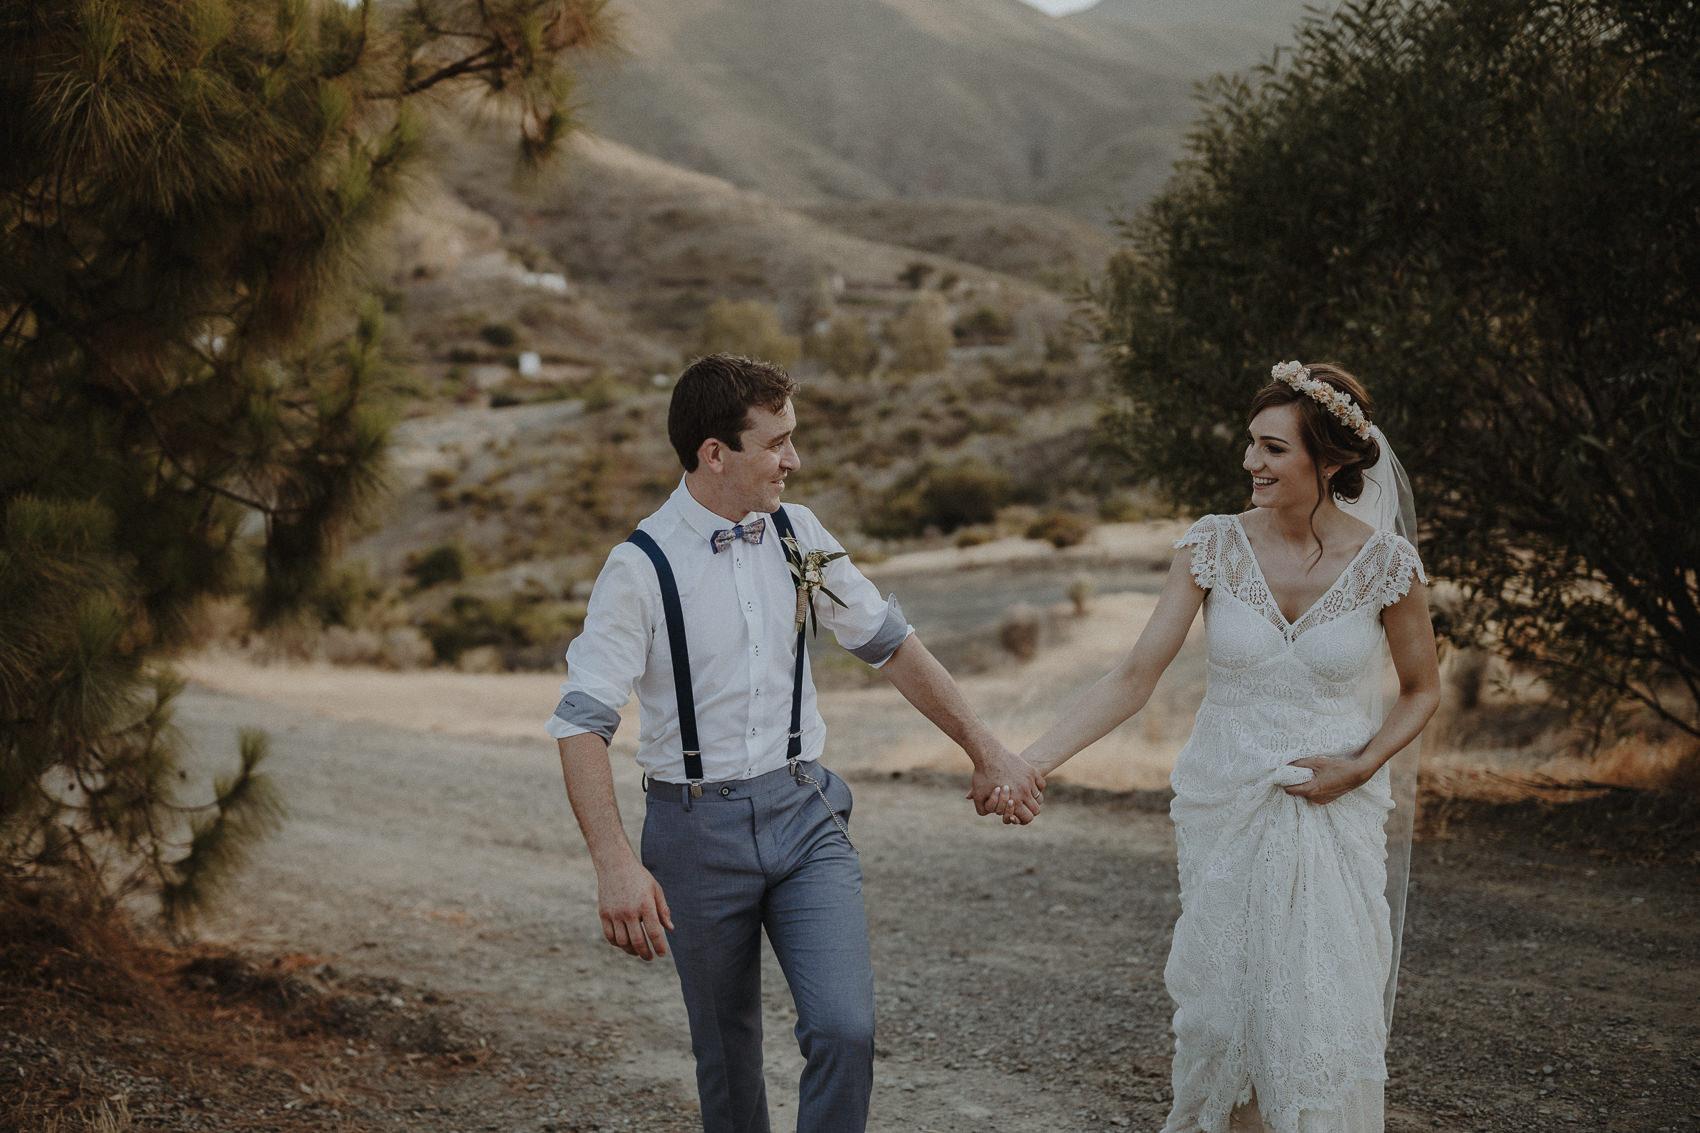 Sarah & Bill | Summer wedding at Cortijo Rosa Blanca | Marbella - Spain 140